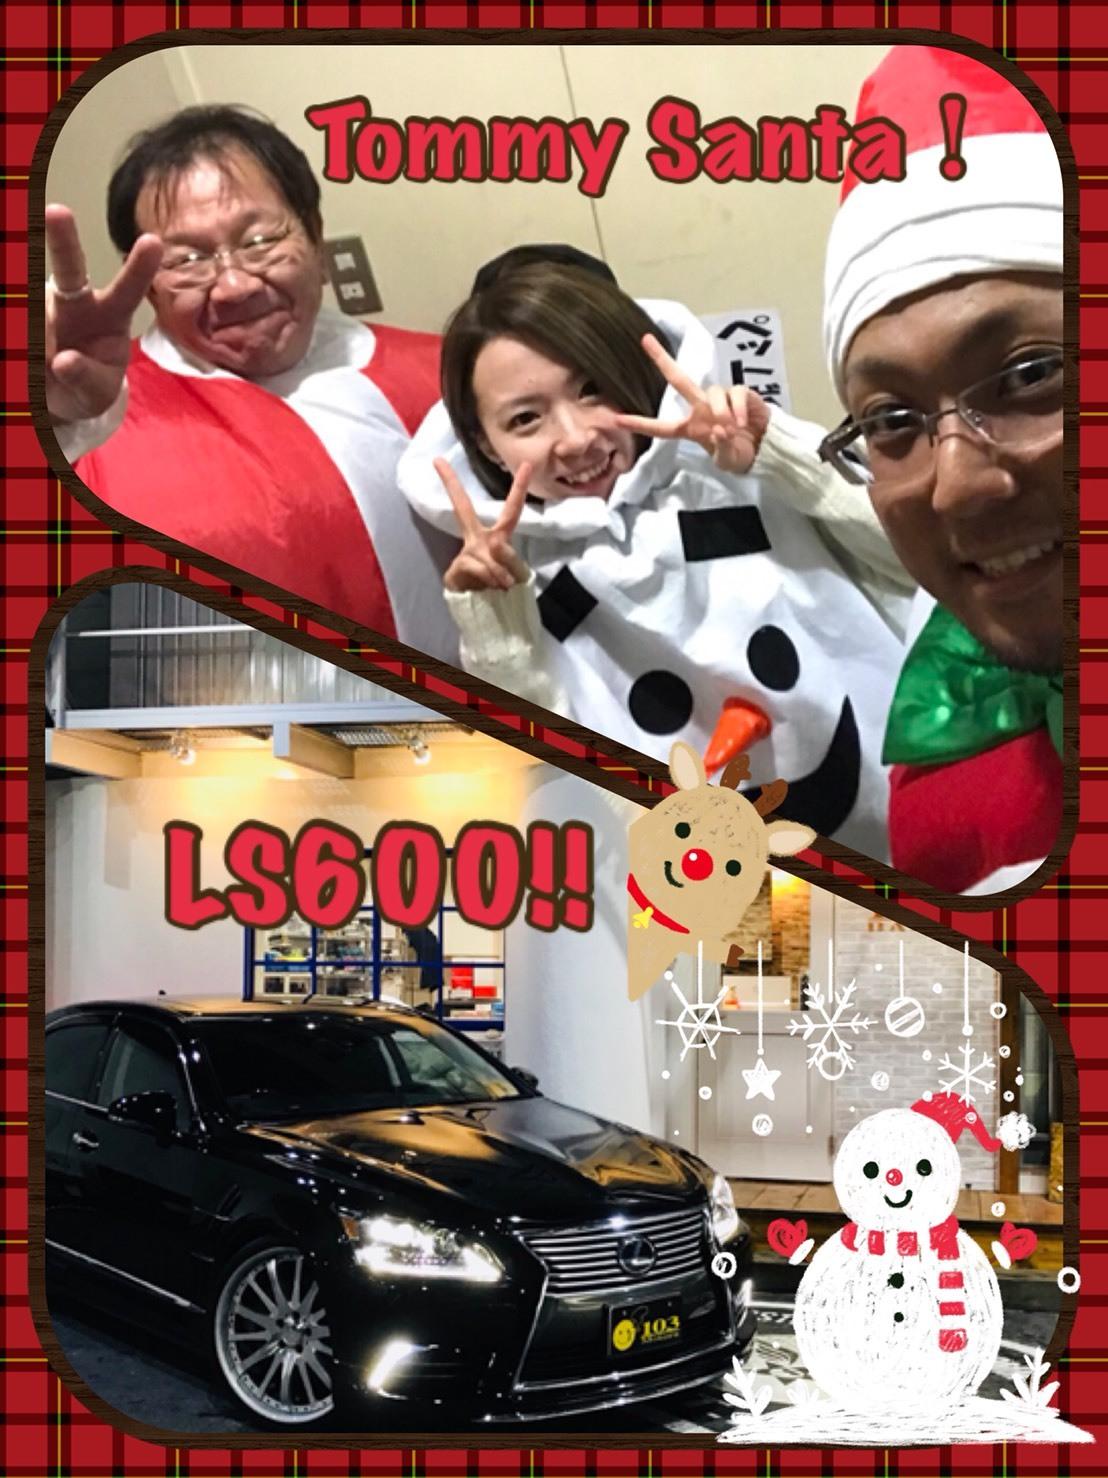 12月27日(水)トミーベース カスタムブログ☆LS600撮影開始!!サンタは大忙し!_b0127002_22473093.jpg